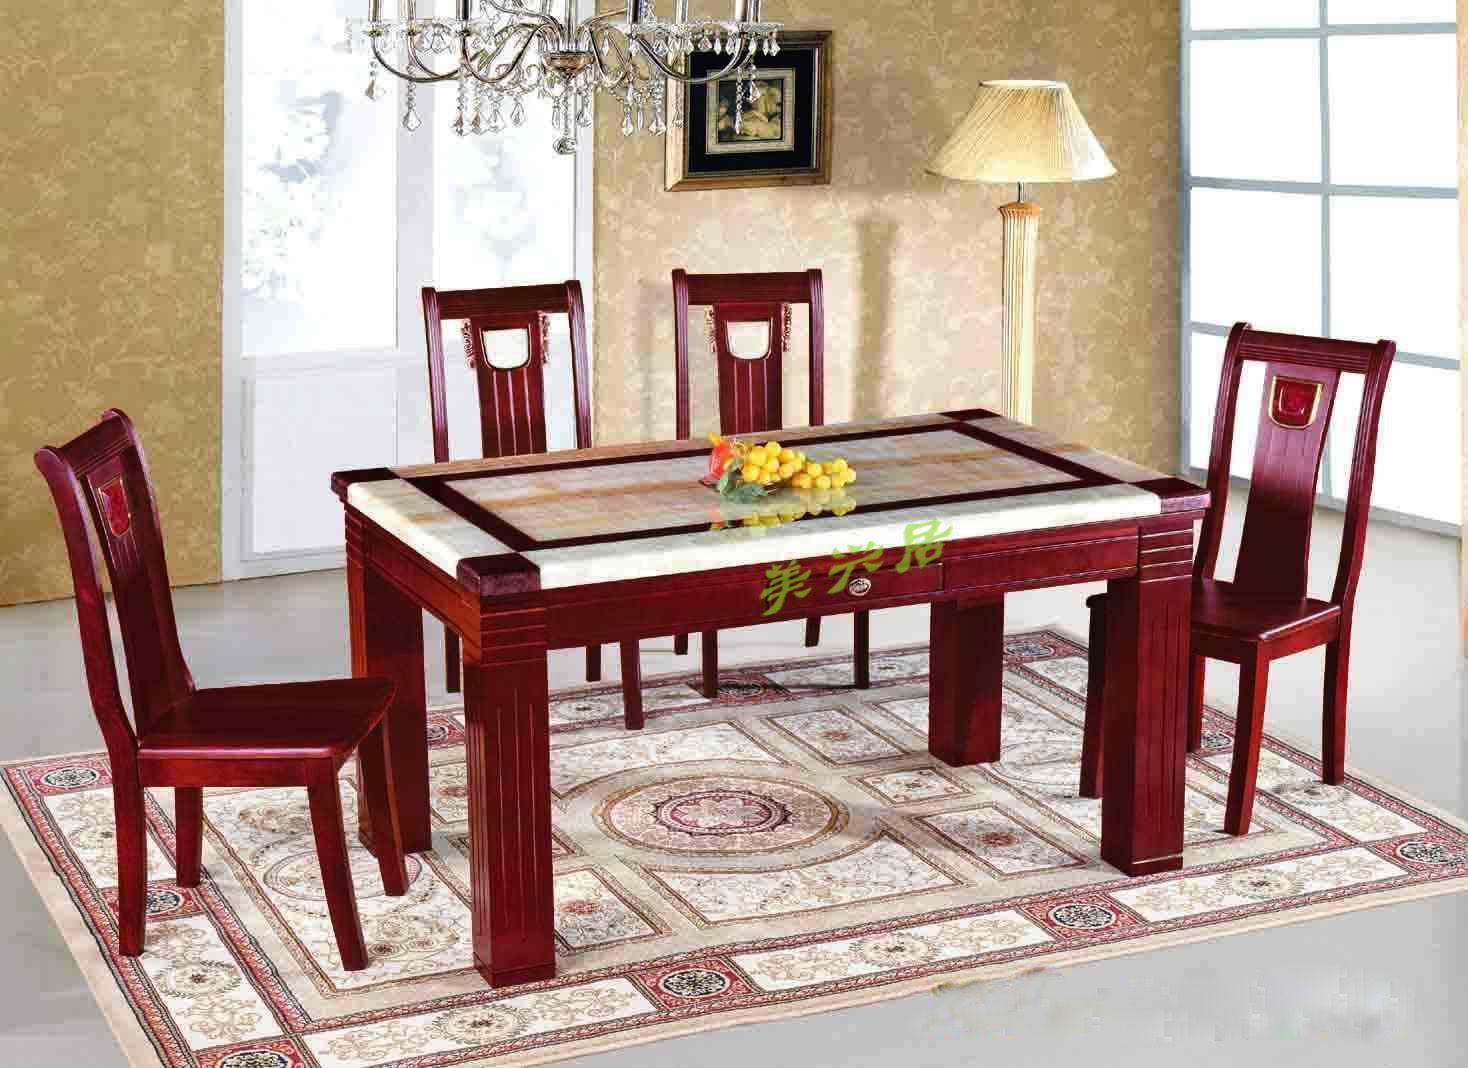 酒店餐桌产品图片,酒店餐桌产品相册